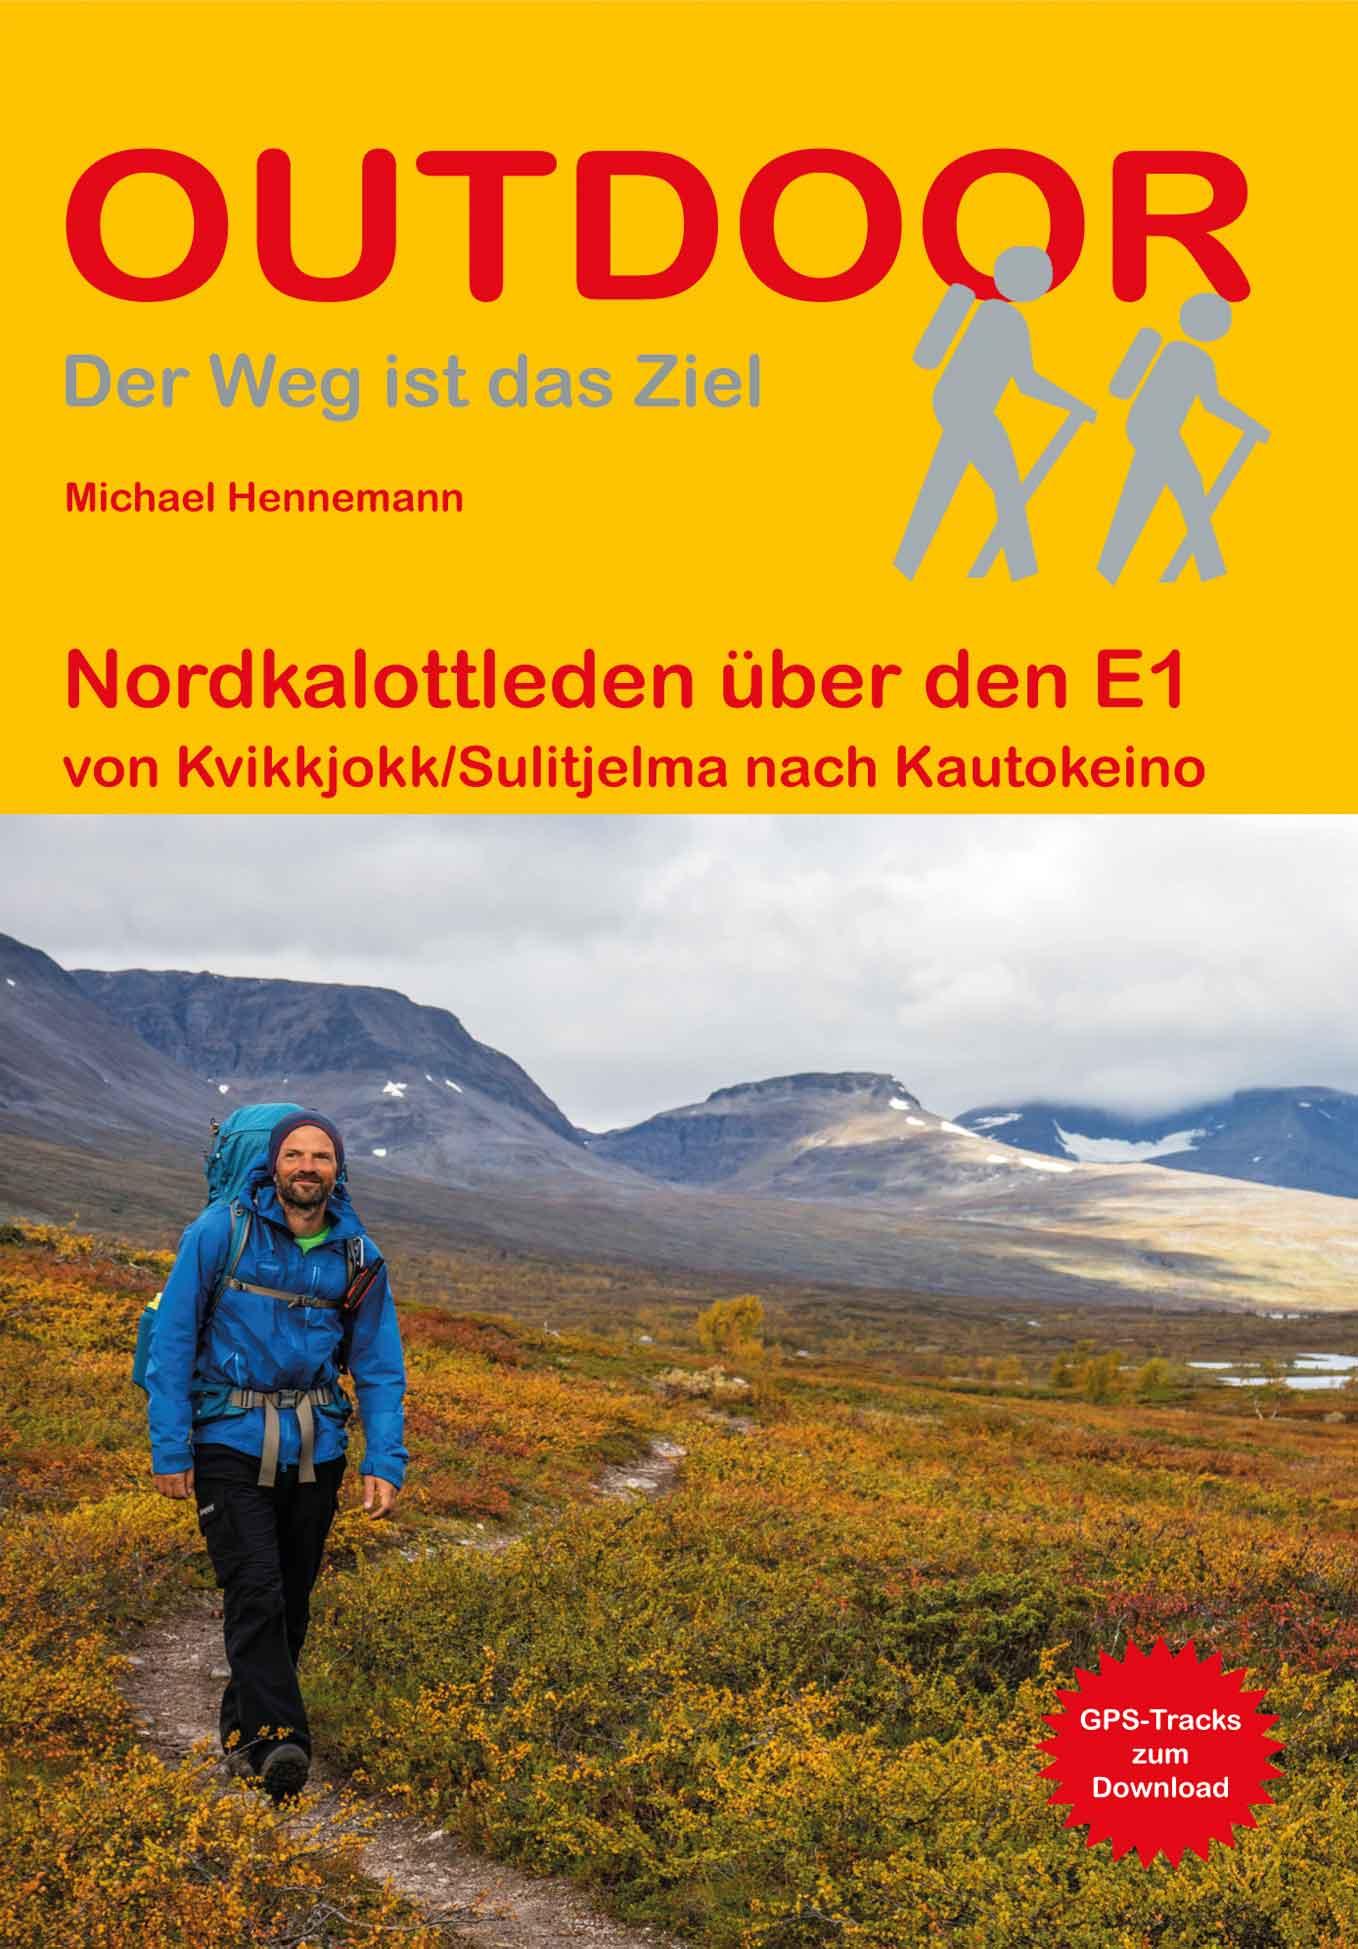 Nordkalottleden | wandelgids (Duitstalig) 9783866866706  Conrad Stein Verlag Outdoor - Der Weg ist das Ziel  Meerdaagse wandelroutes, Wandelgidsen Lapland